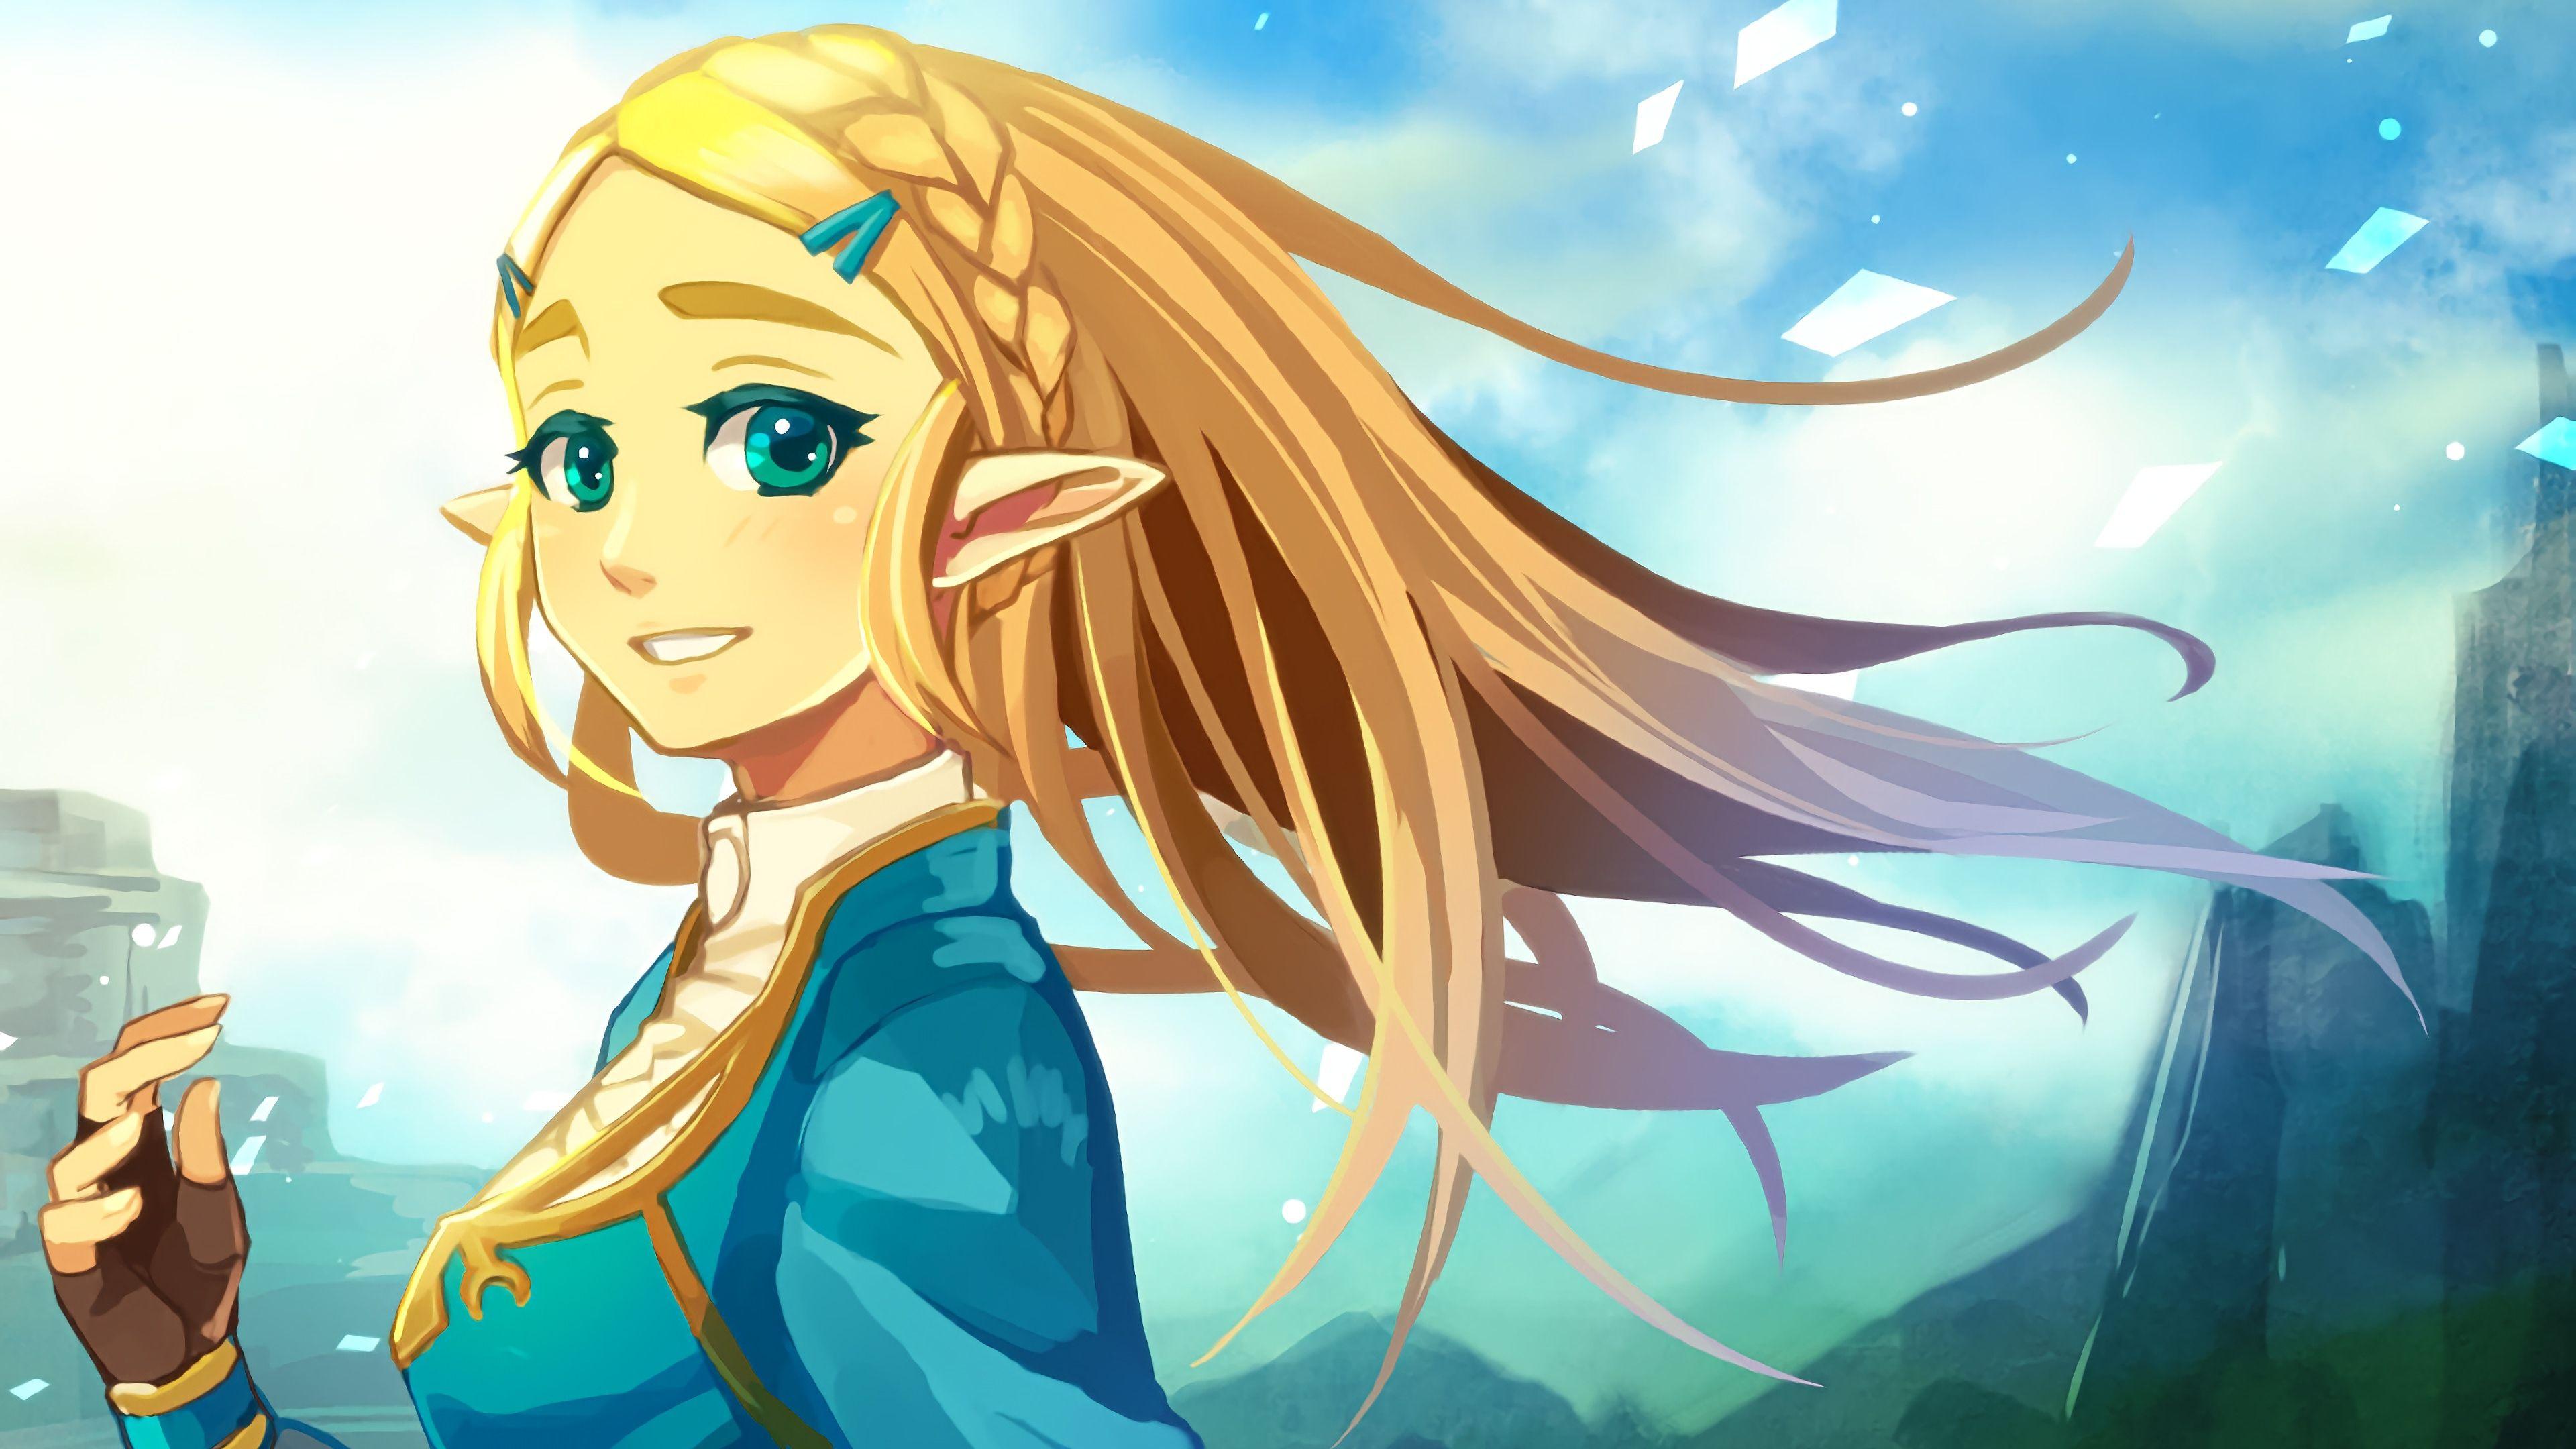 Legend of Zelda Wallpapers 1920×1080 Imagenes De Zelda